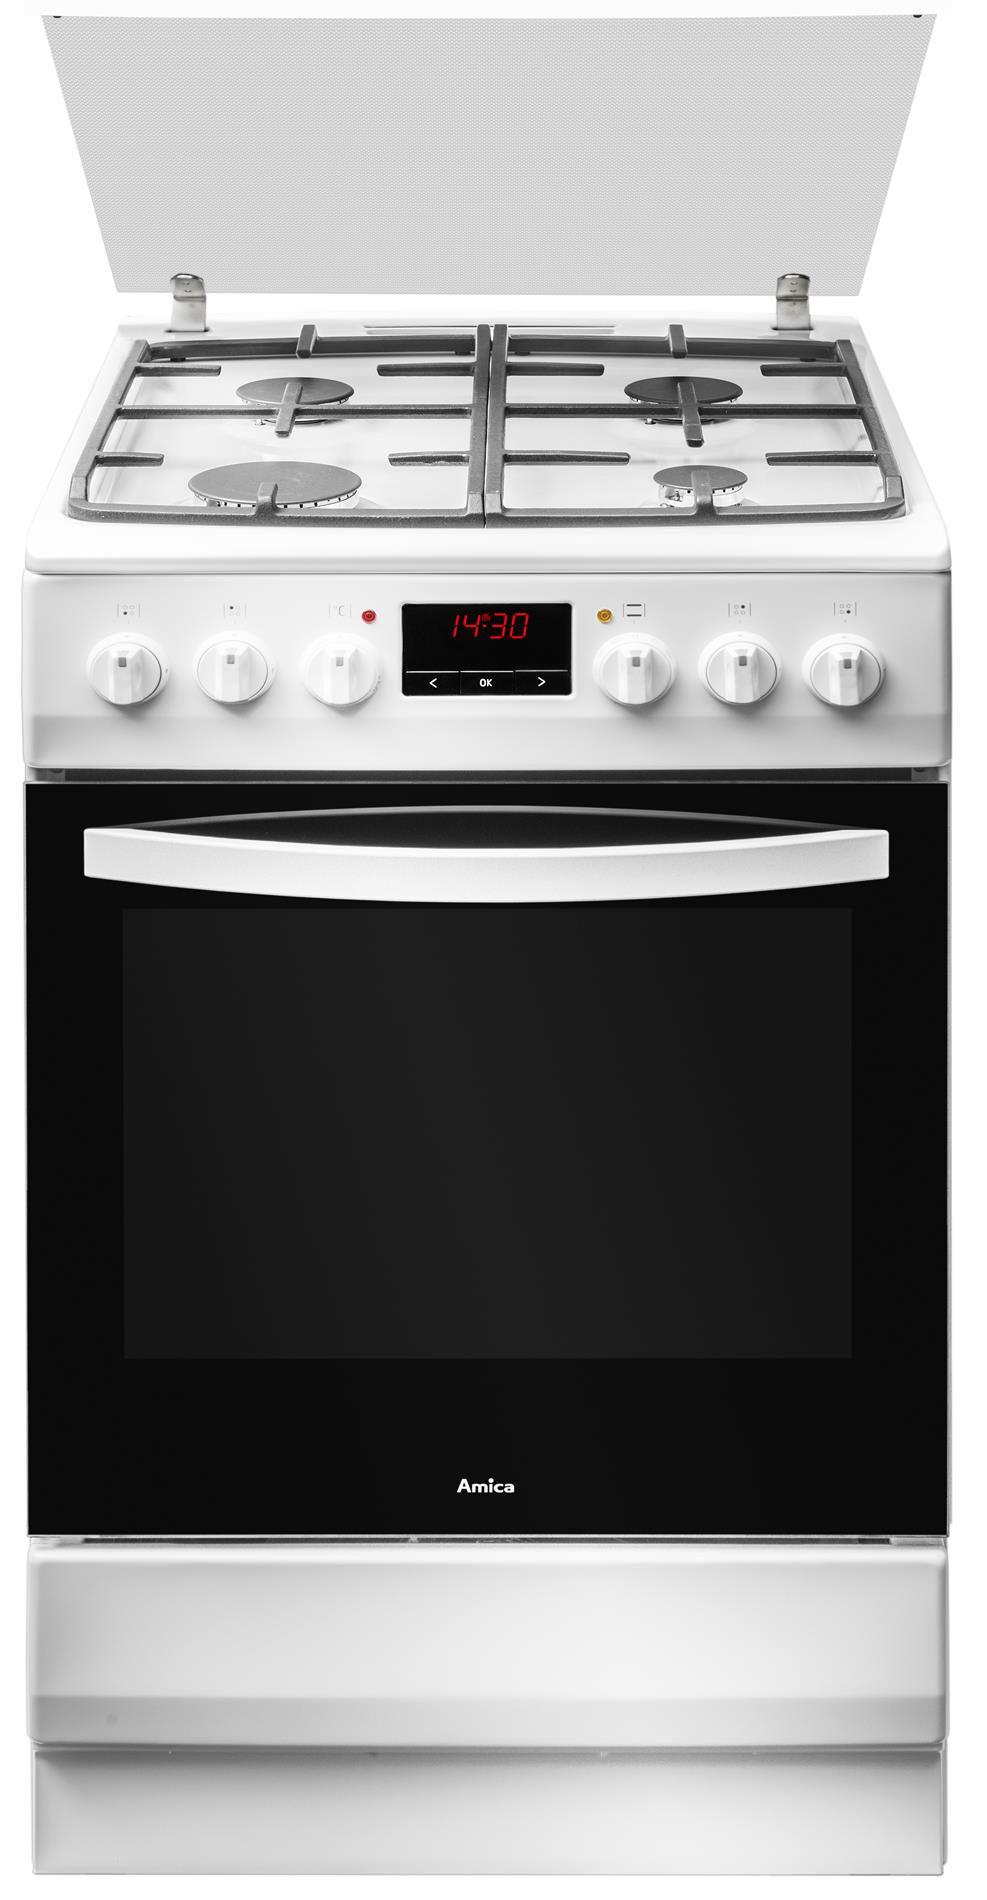 Kuchnia wolnostojąca gazowo elektryczna 500 520GE3   -> Kuchnia Amica Drzwi